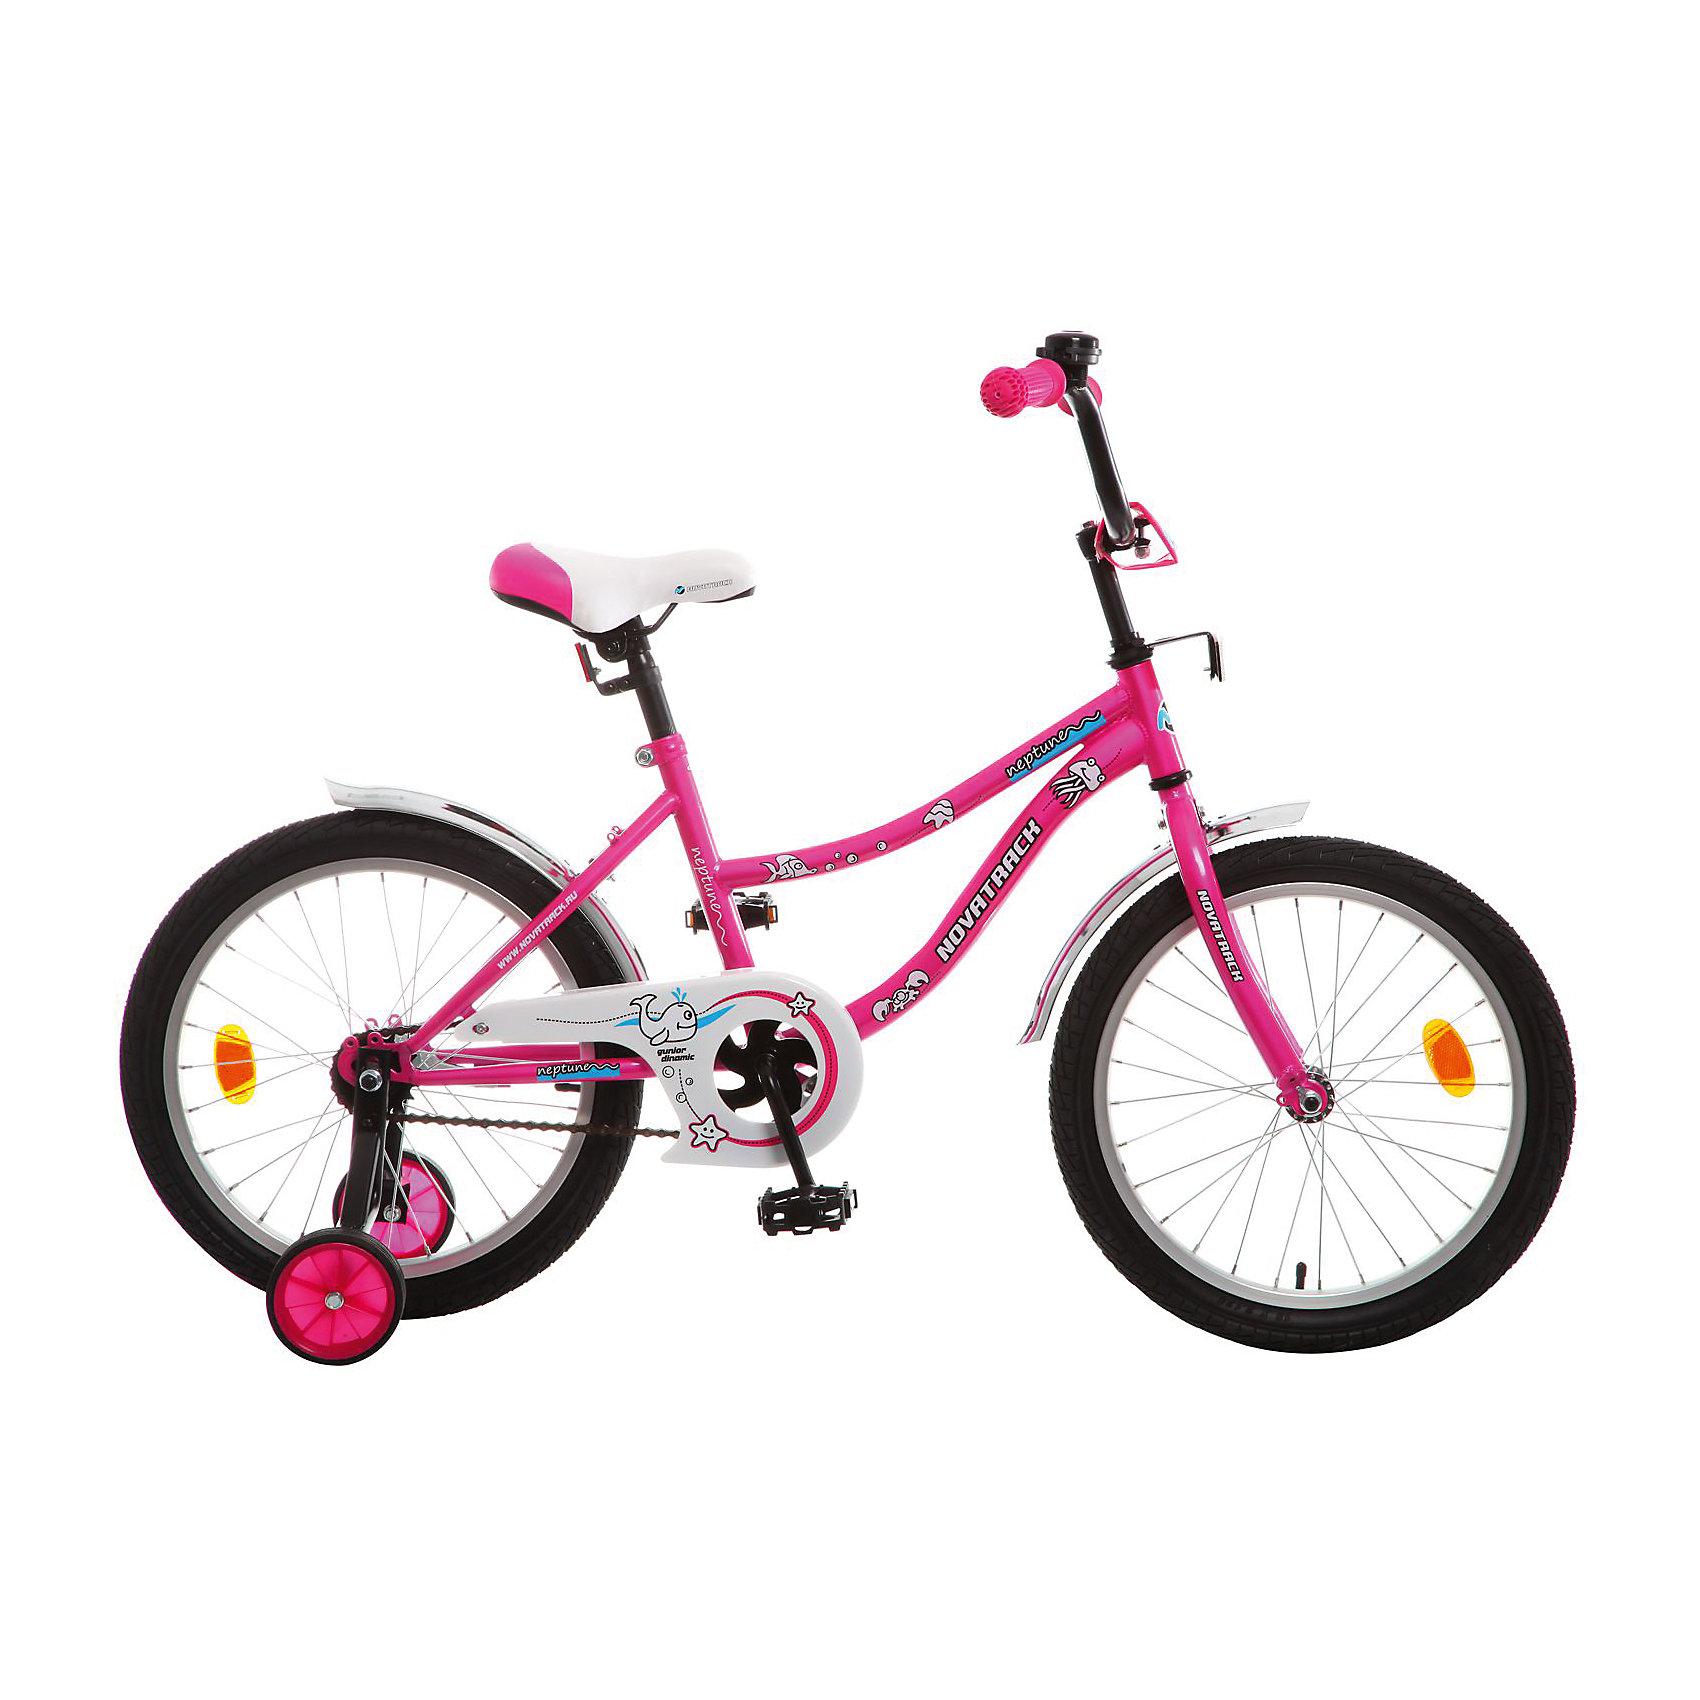 Велосипед NEPTUNE, розовый, 18 дюймов, NovatrackВелосипеды детские<br>Характеристики товара:<br><br>• цвет: розовый<br>• возраст: от 6 лет<br>• стальная рама<br>• мягкое регулируемое по высоте седло<br>• руль регулируется по высоте<br>• диаметр колес: 18 дюймов<br>• ножной задний тормоз<br>• два маленьких съемных колеса<br>• защита цепи не позволит одежде попасть в механизм<br>• крылья защитят от грязи и брызг<br>• велосипедный звонок<br>• мягкие накладки на руле<br>• катафоты<br><br>Novatrack Neptun 18'' – это отличный подарок для девочки. Привлекательный дизайн, легкость, отличная управляемость и универсальность - в этой модели есть все! <br><br>Novatrack Neptun 18'' полностью подготовлен для того, чтобы маленьким велосипедистам было комфортно и интересно учиться самостоятельно кататься. <br><br>Велосипед NEPTUNE, розовый, 18 дюймов, Novatrack можно купить в нашем интернет-магазине.<br><br>Ширина мм: 980<br>Глубина мм: 180<br>Высота мм: 480<br>Вес г: 13000<br>Возраст от месяцев: 72<br>Возраст до месяцев: 108<br>Пол: Унисекс<br>Возраст: Детский<br>SKU: 5613207